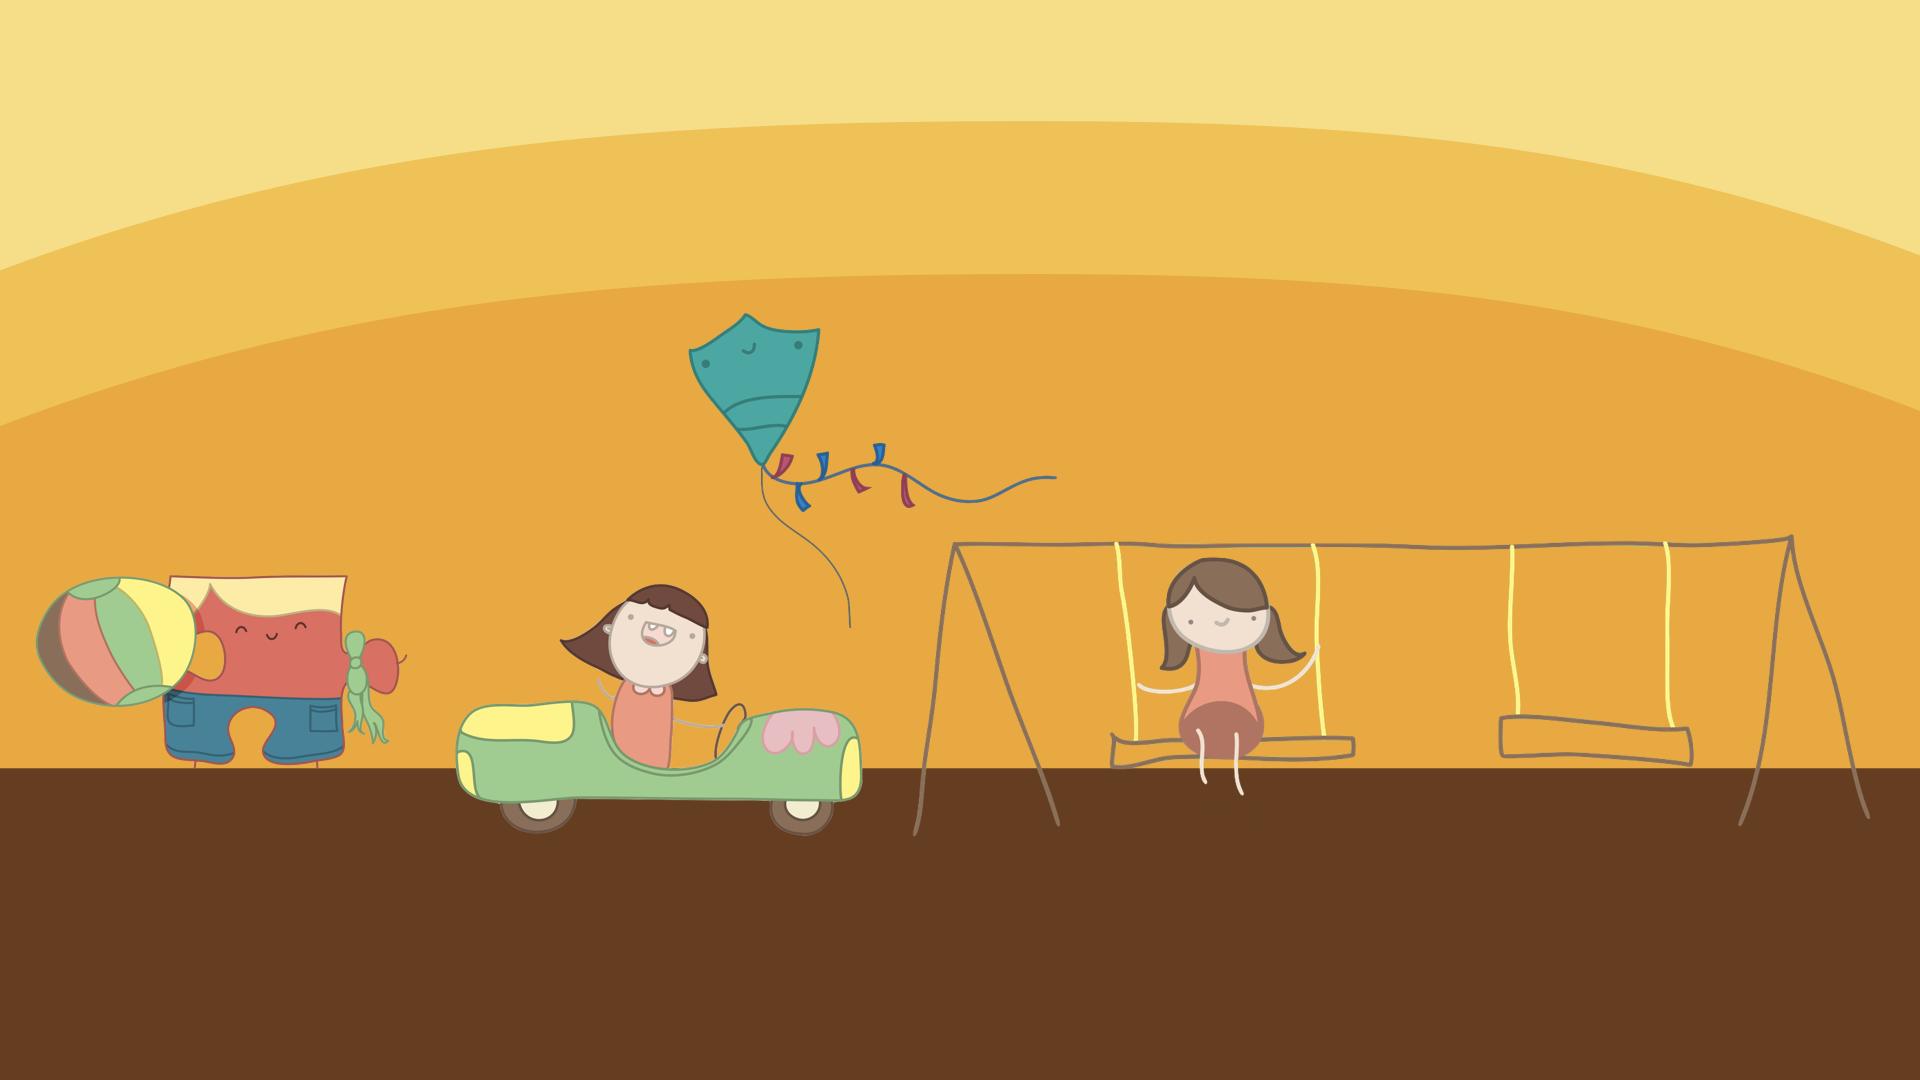 O valor das interações colaborativas entre as crianças